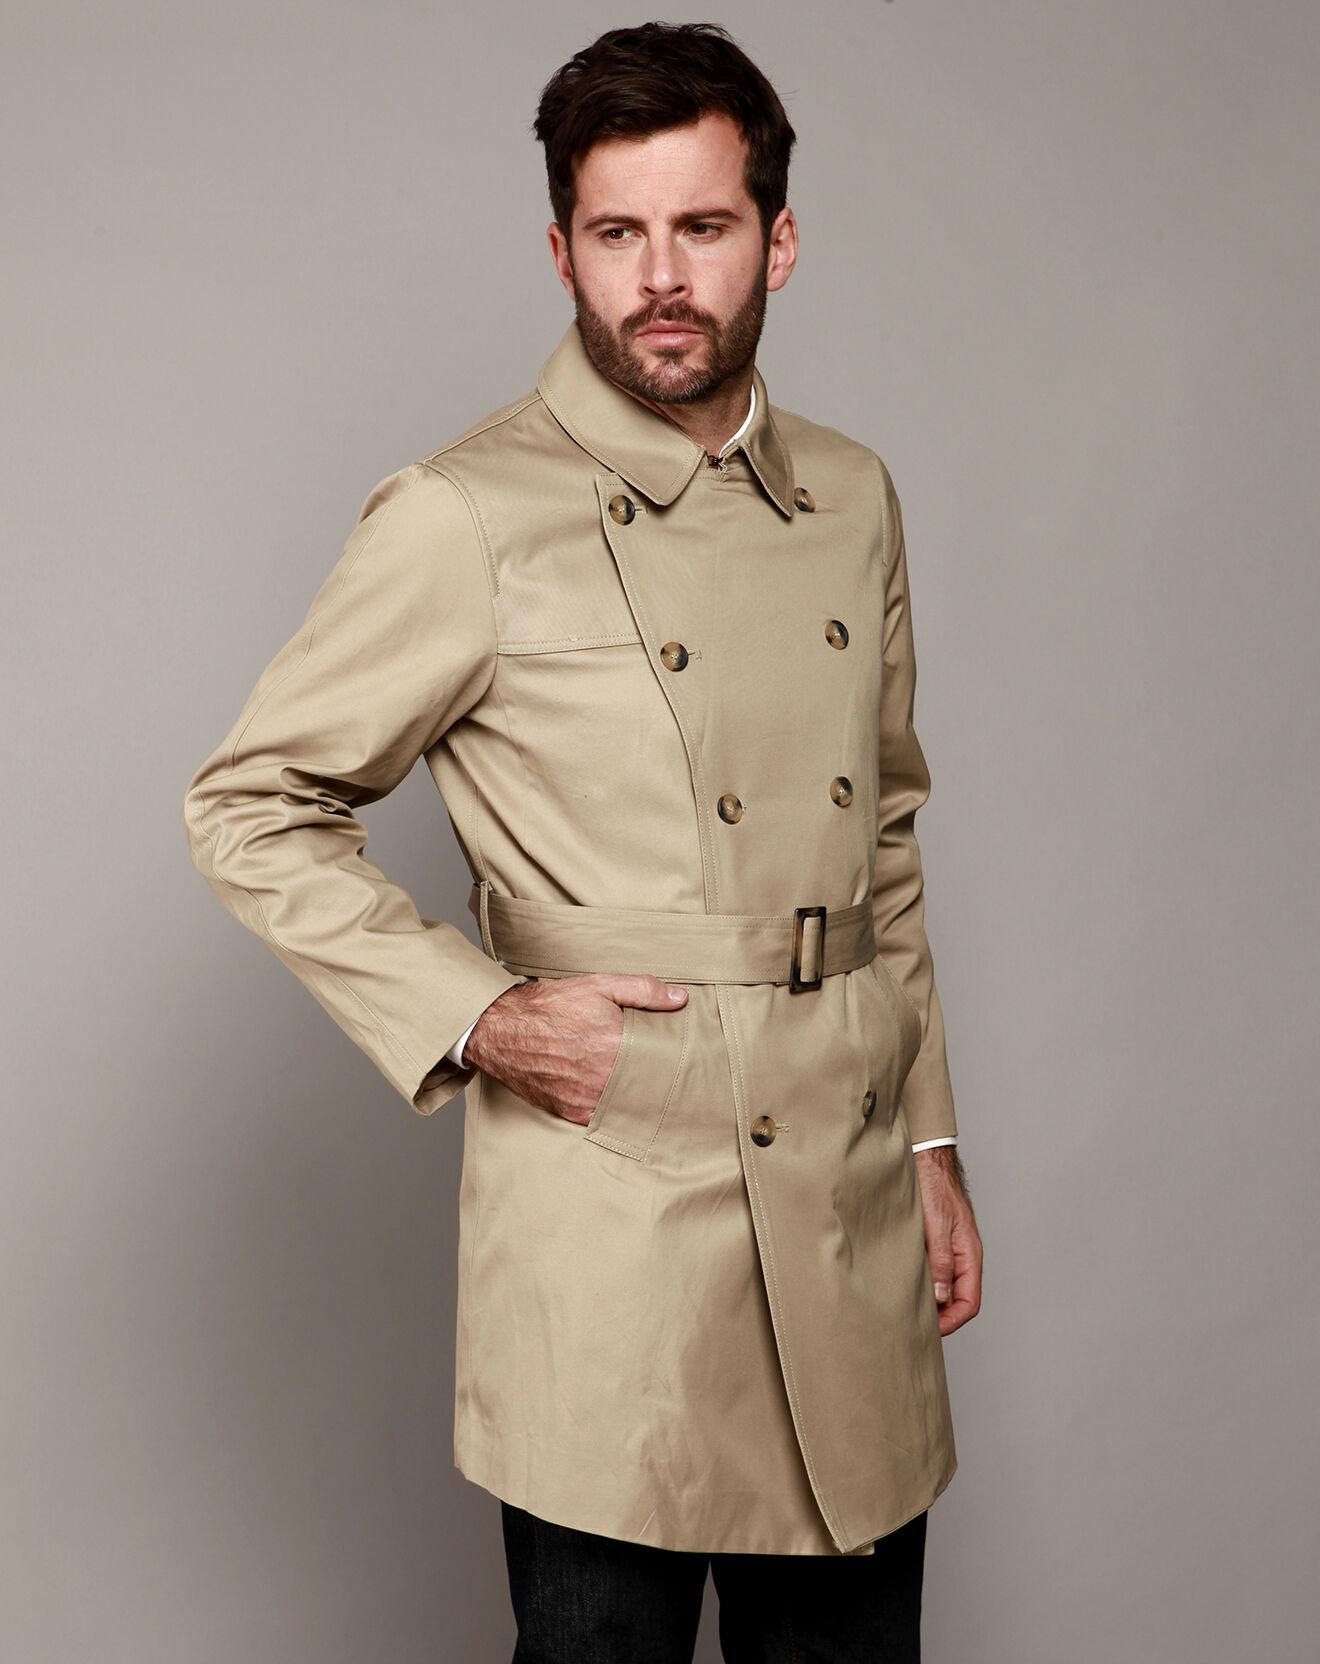 Imperméable trench coat ceinturé beige